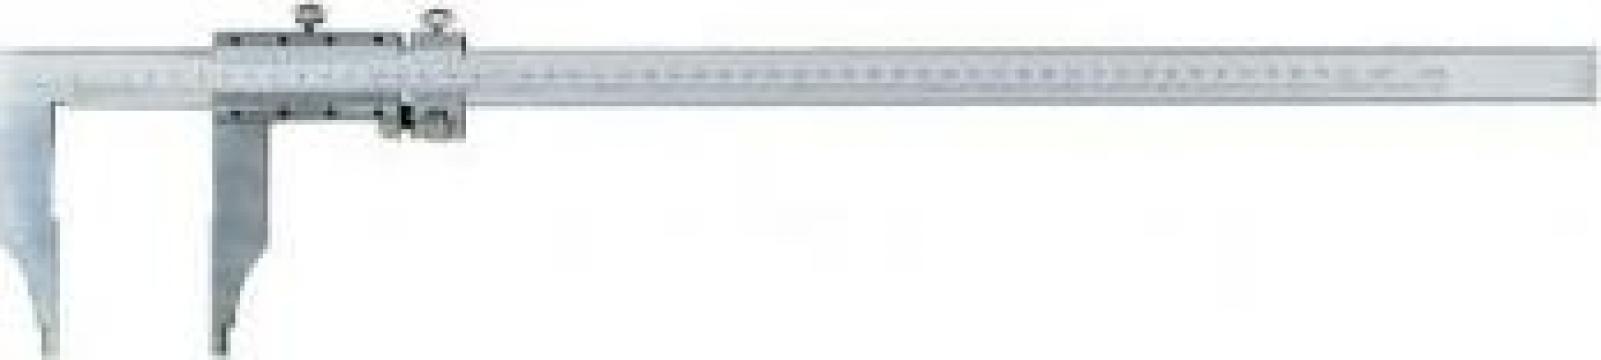 Subler cu ajustare fina 0 - 2000 C020/2000 de la Proma Machinery Srl.